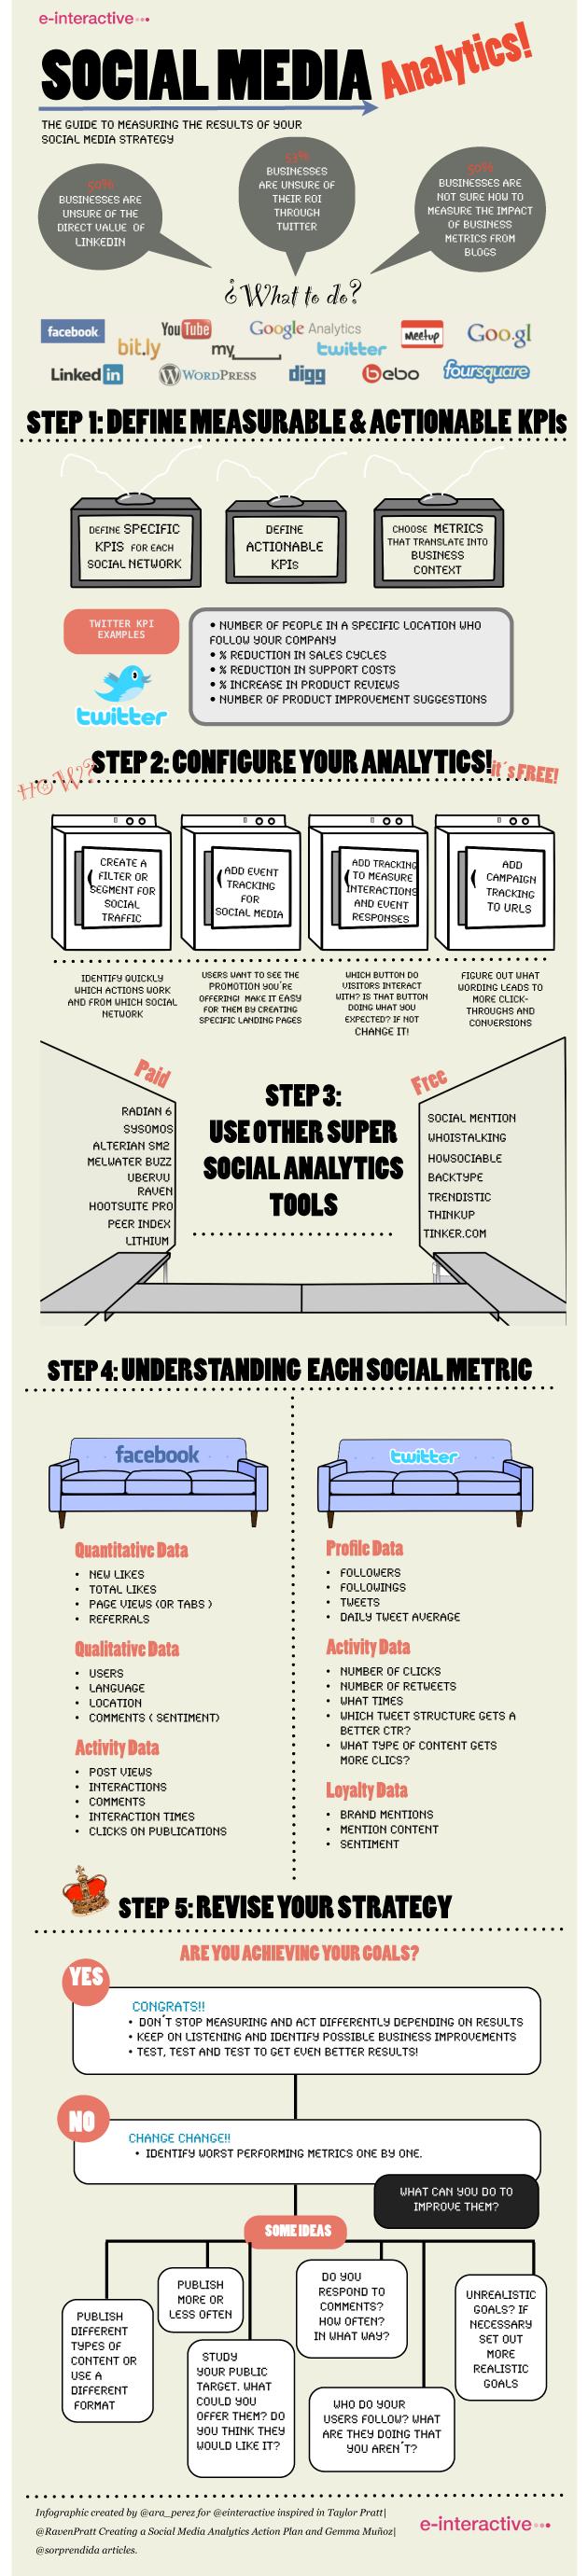 #socialmediaanalytics